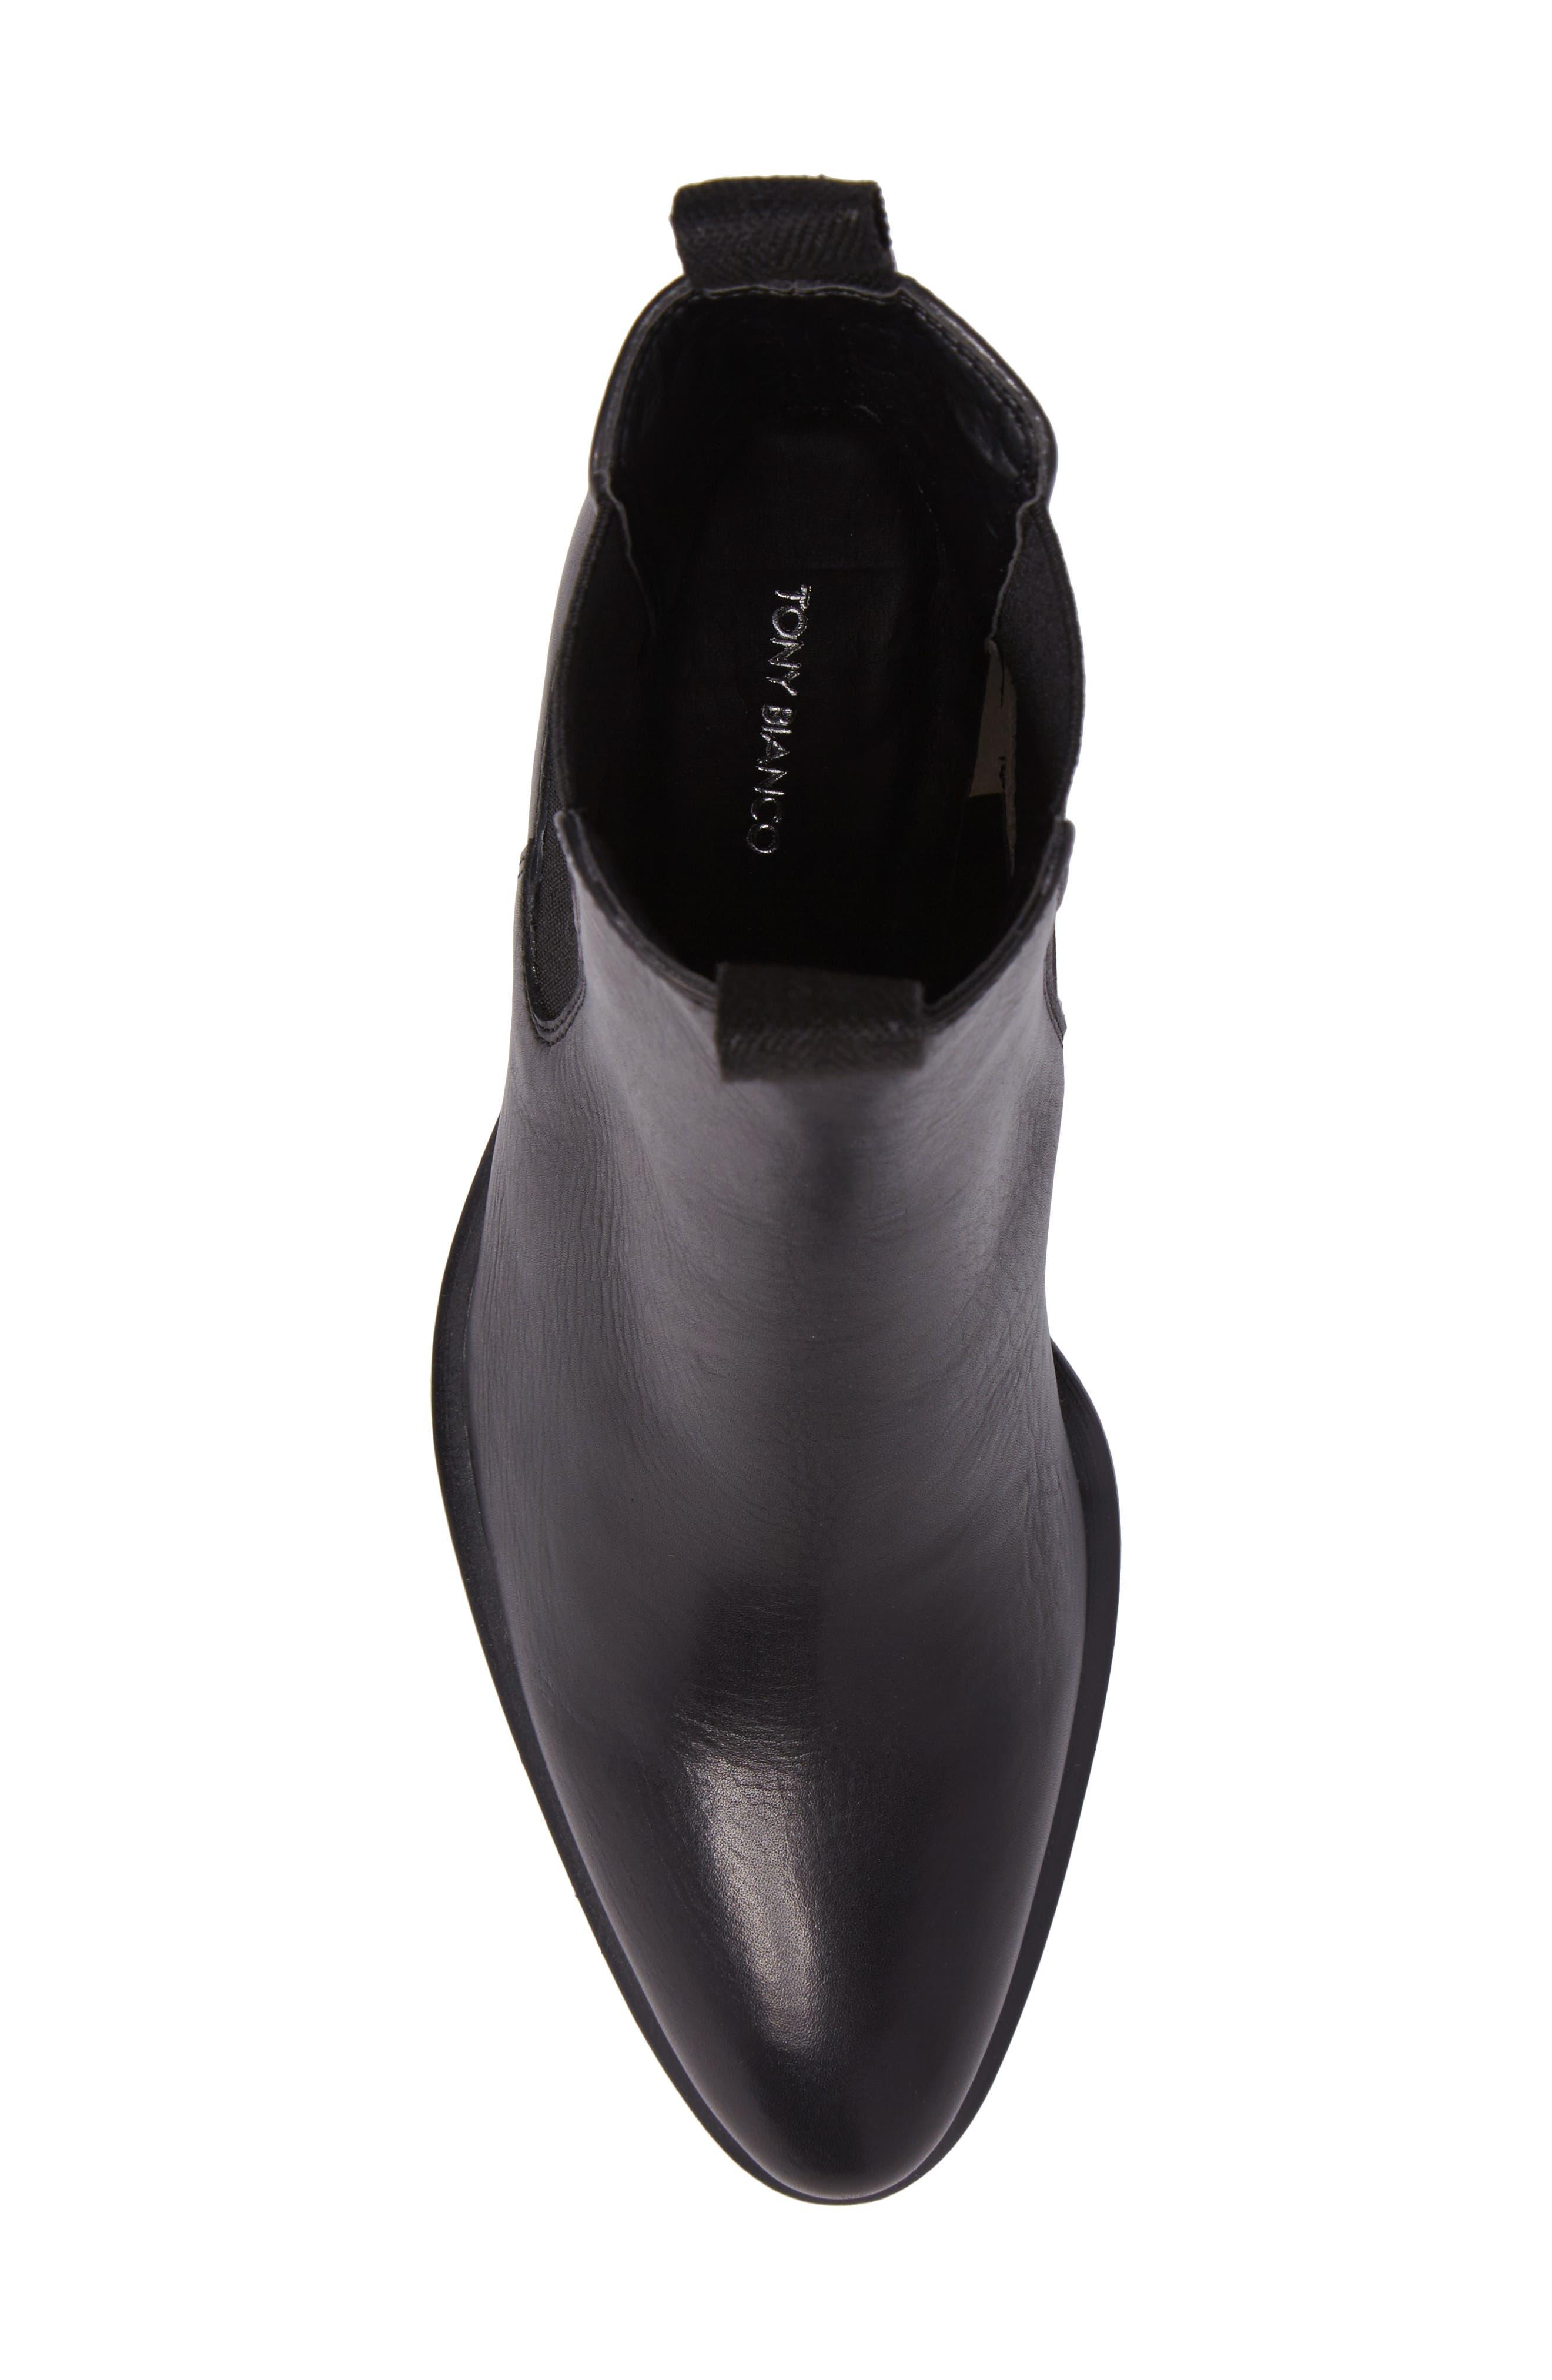 Hampton Bootie,                             Alternate thumbnail 5, color,                             Black Leather